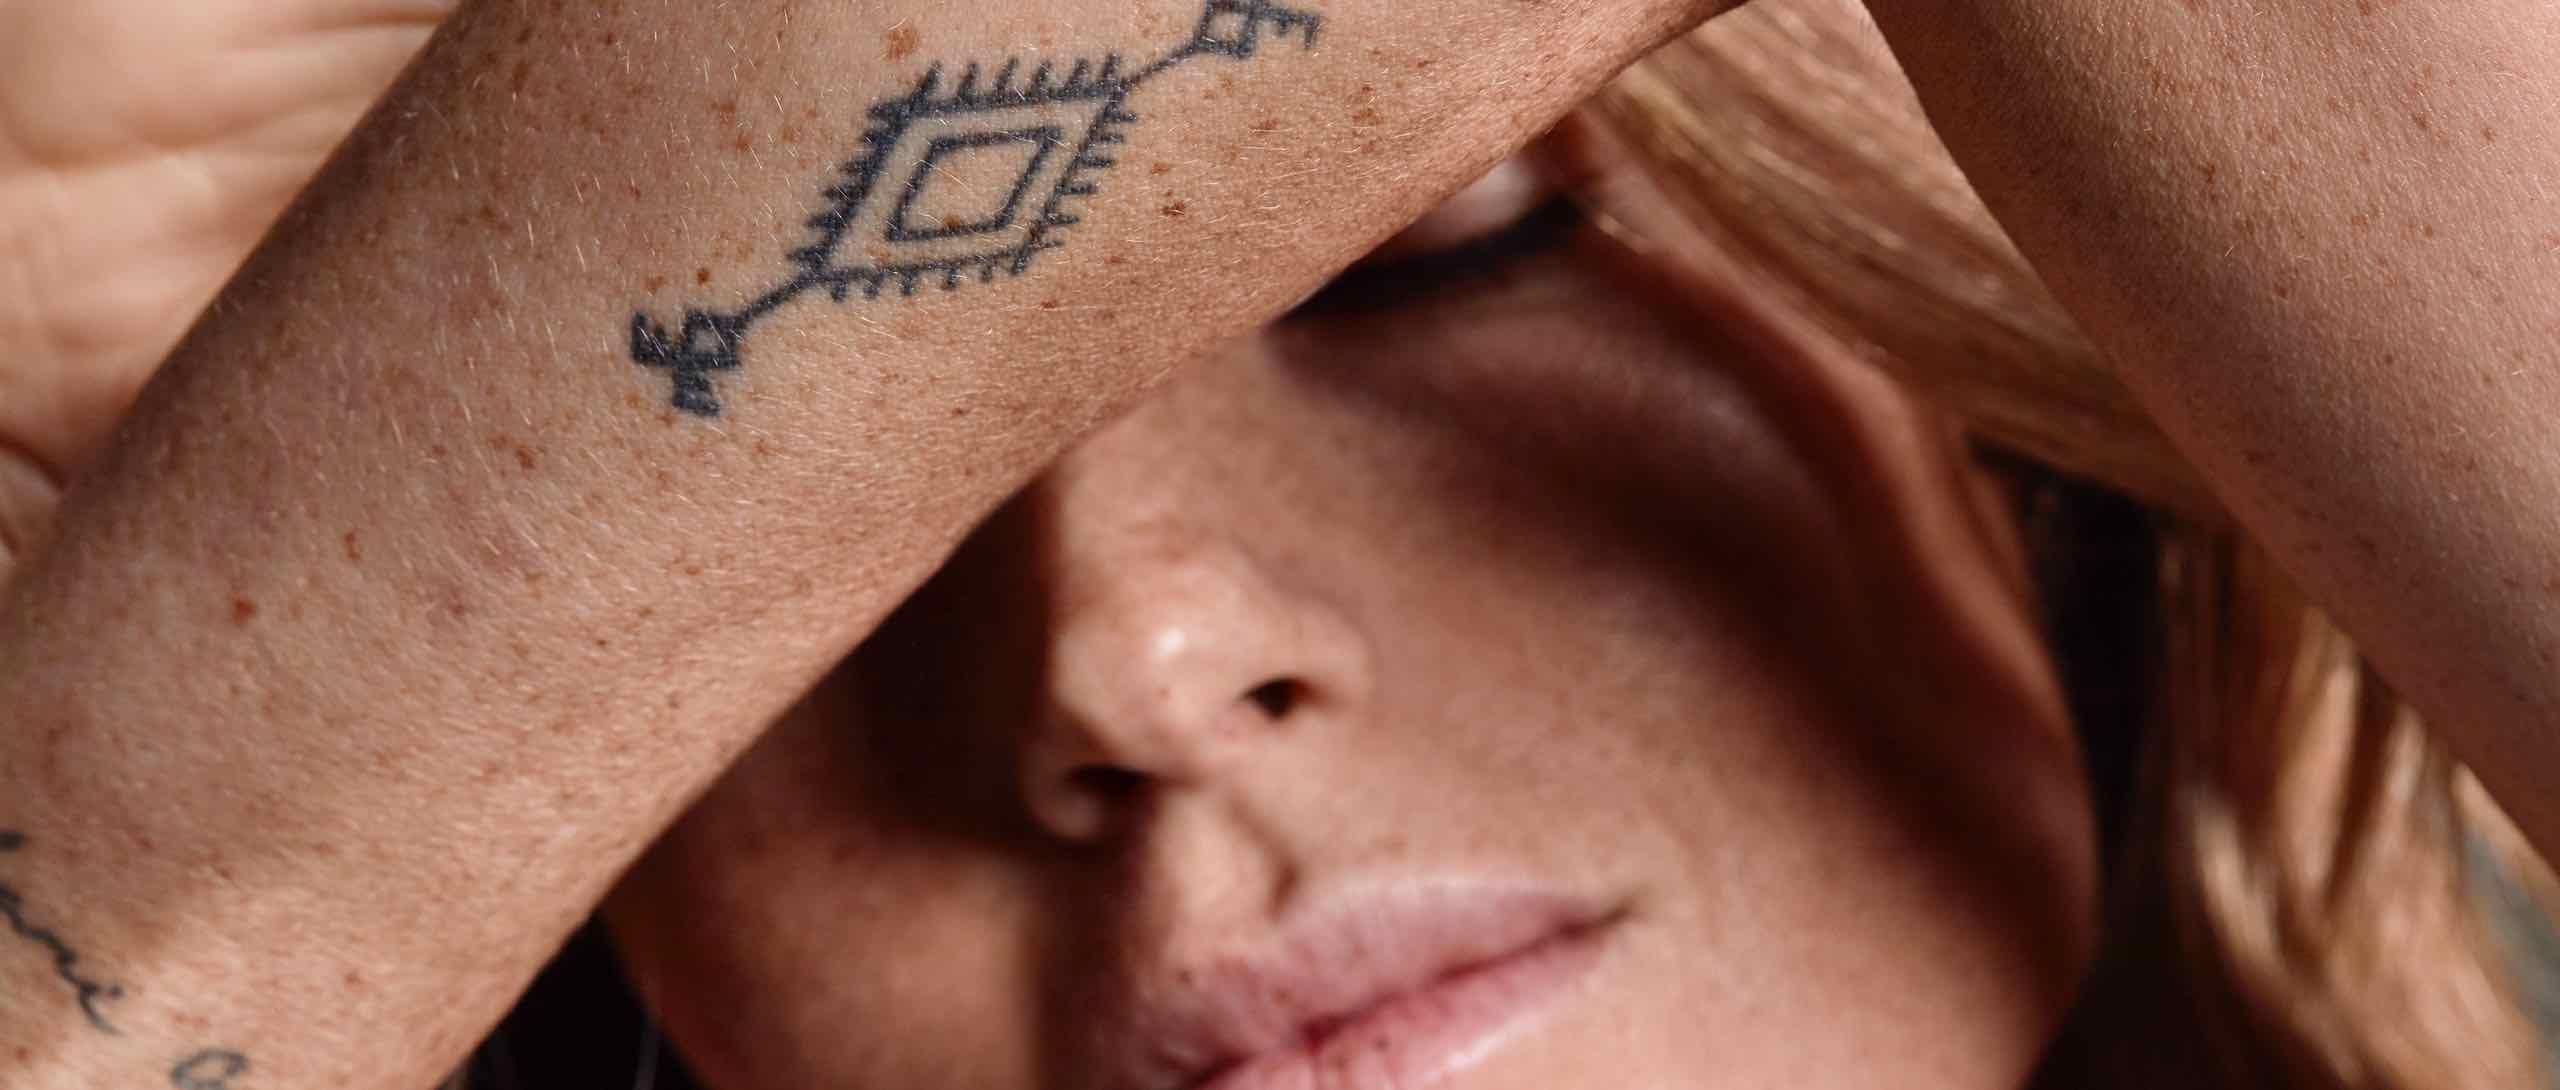 SKIN STORIES I Tattoos I Tattoo Farbe & tätowierte Haut